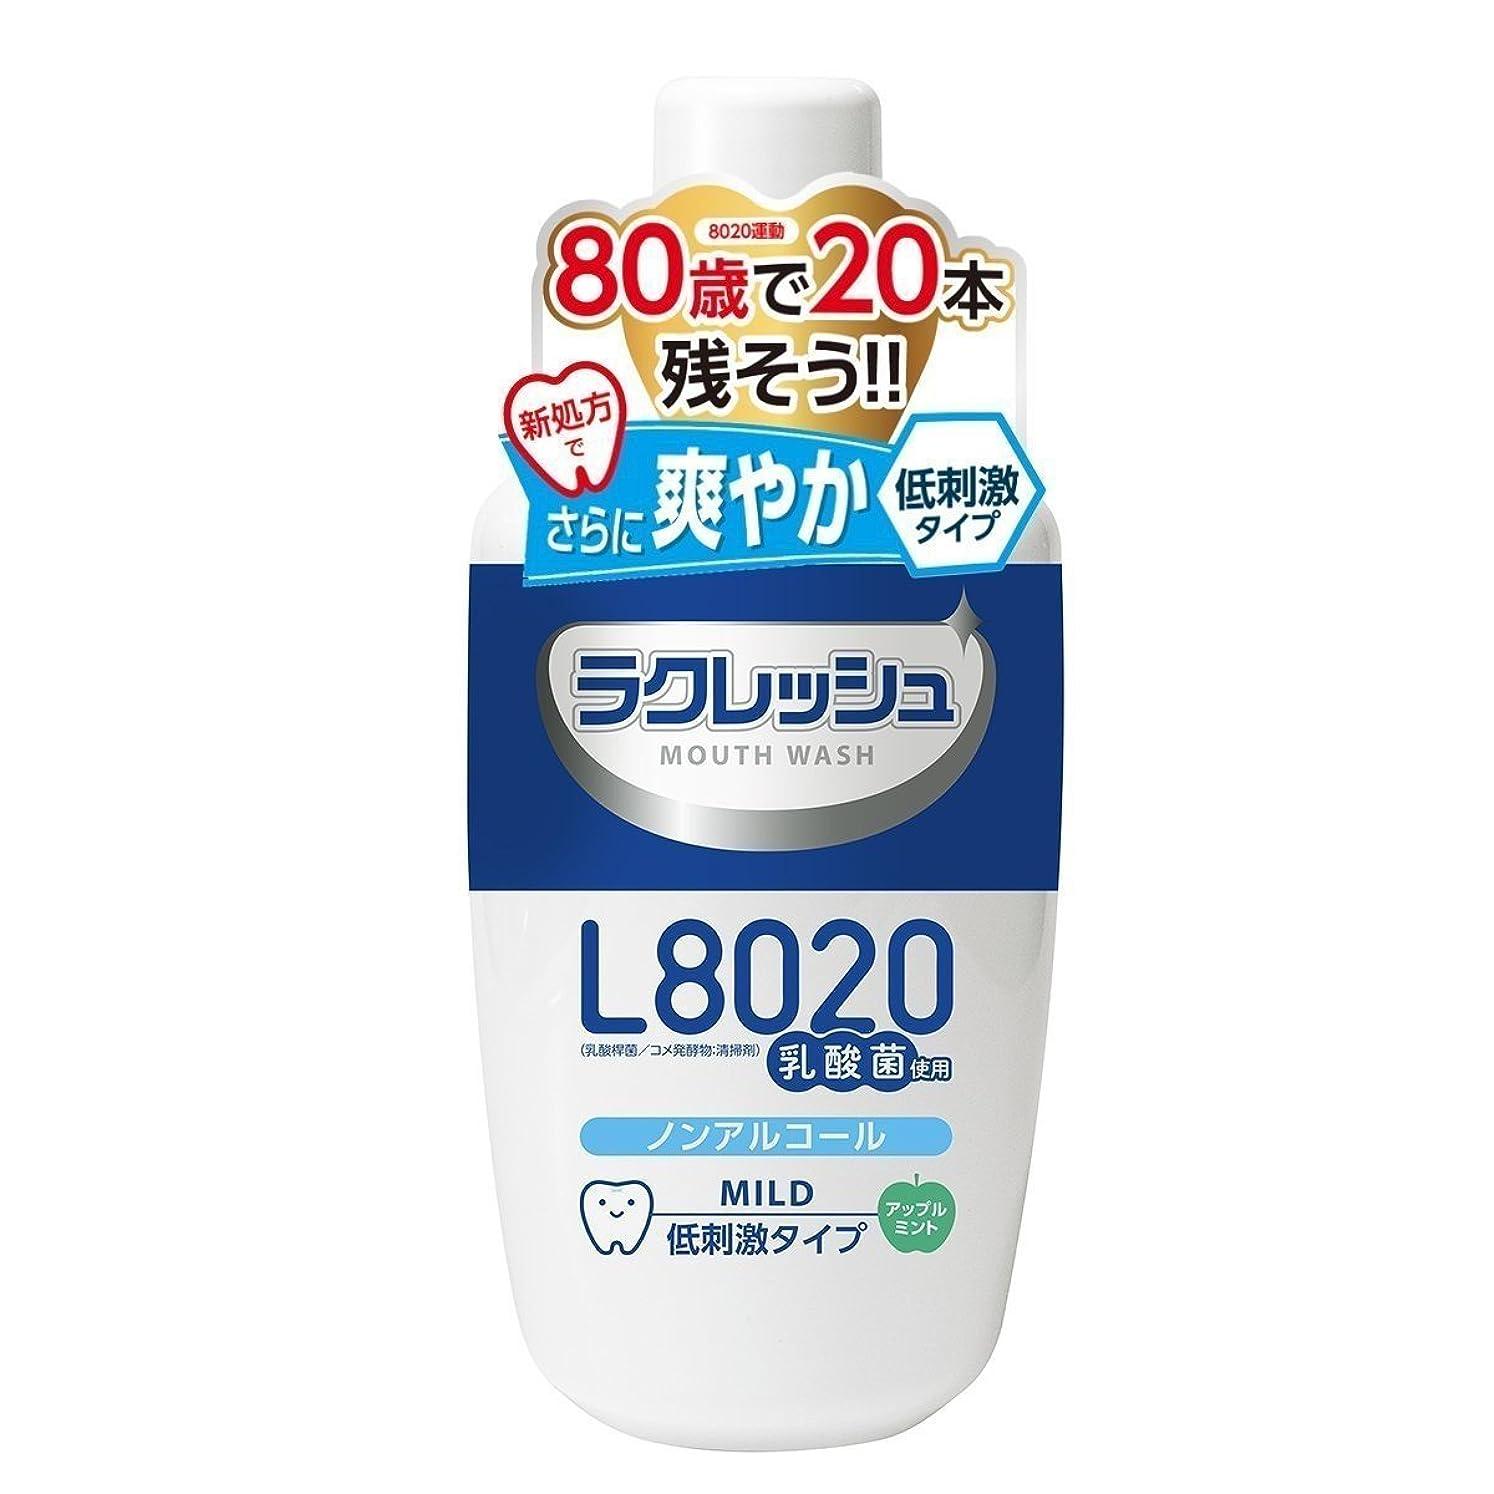 キャロライン浸したガチョウ○ ラクレッシュ L8020菌使用 マウスウォッシュ ノンアルコールタイプ 300mL×48個セット 2ケース分